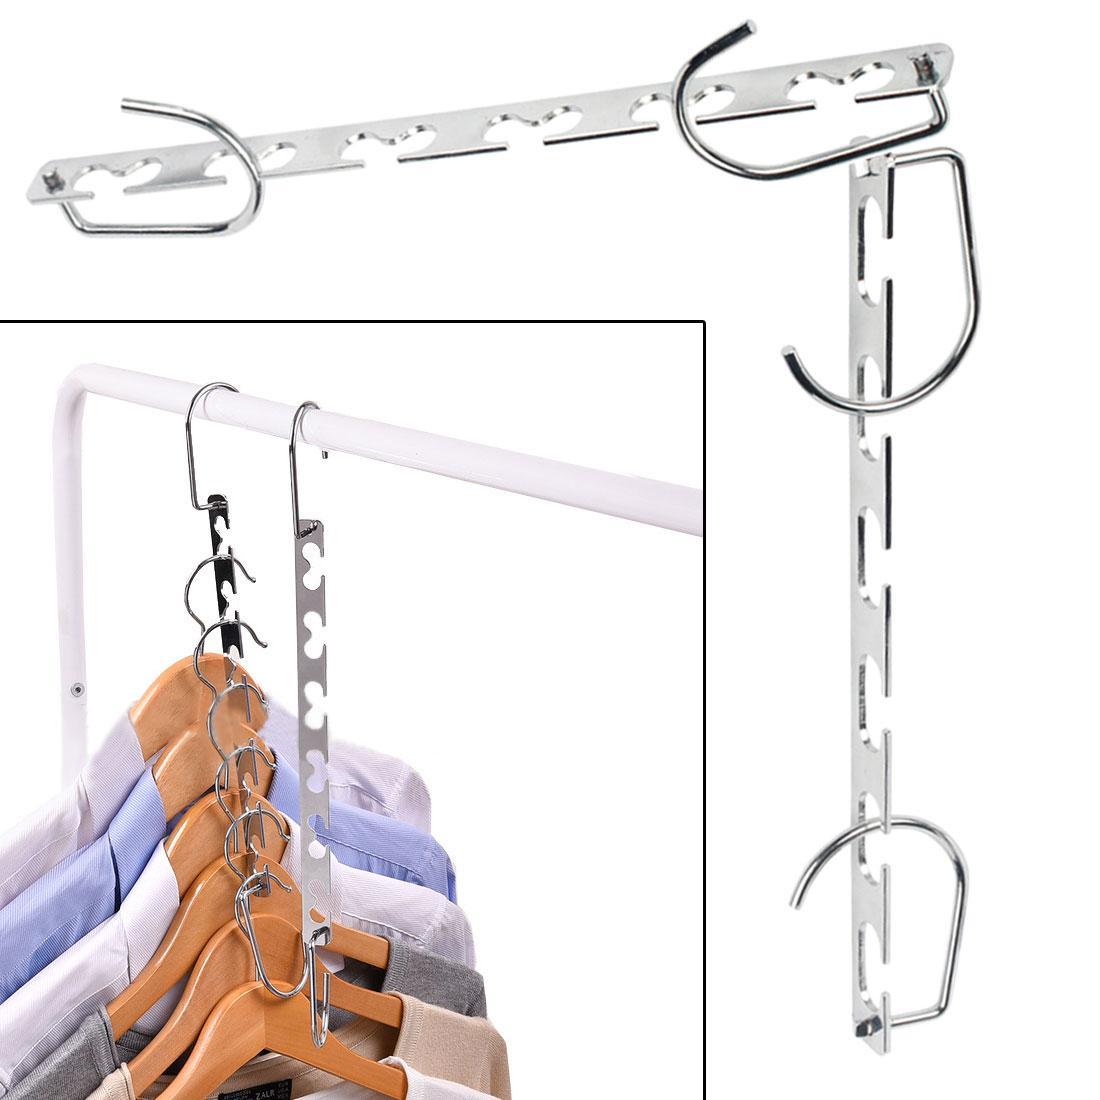 Multi-função de metal guarda-roupa cabide de armazenamento salvar o espaço de metal cabide com gancho magia 6 furos roupas de armazenamento de roupas armário